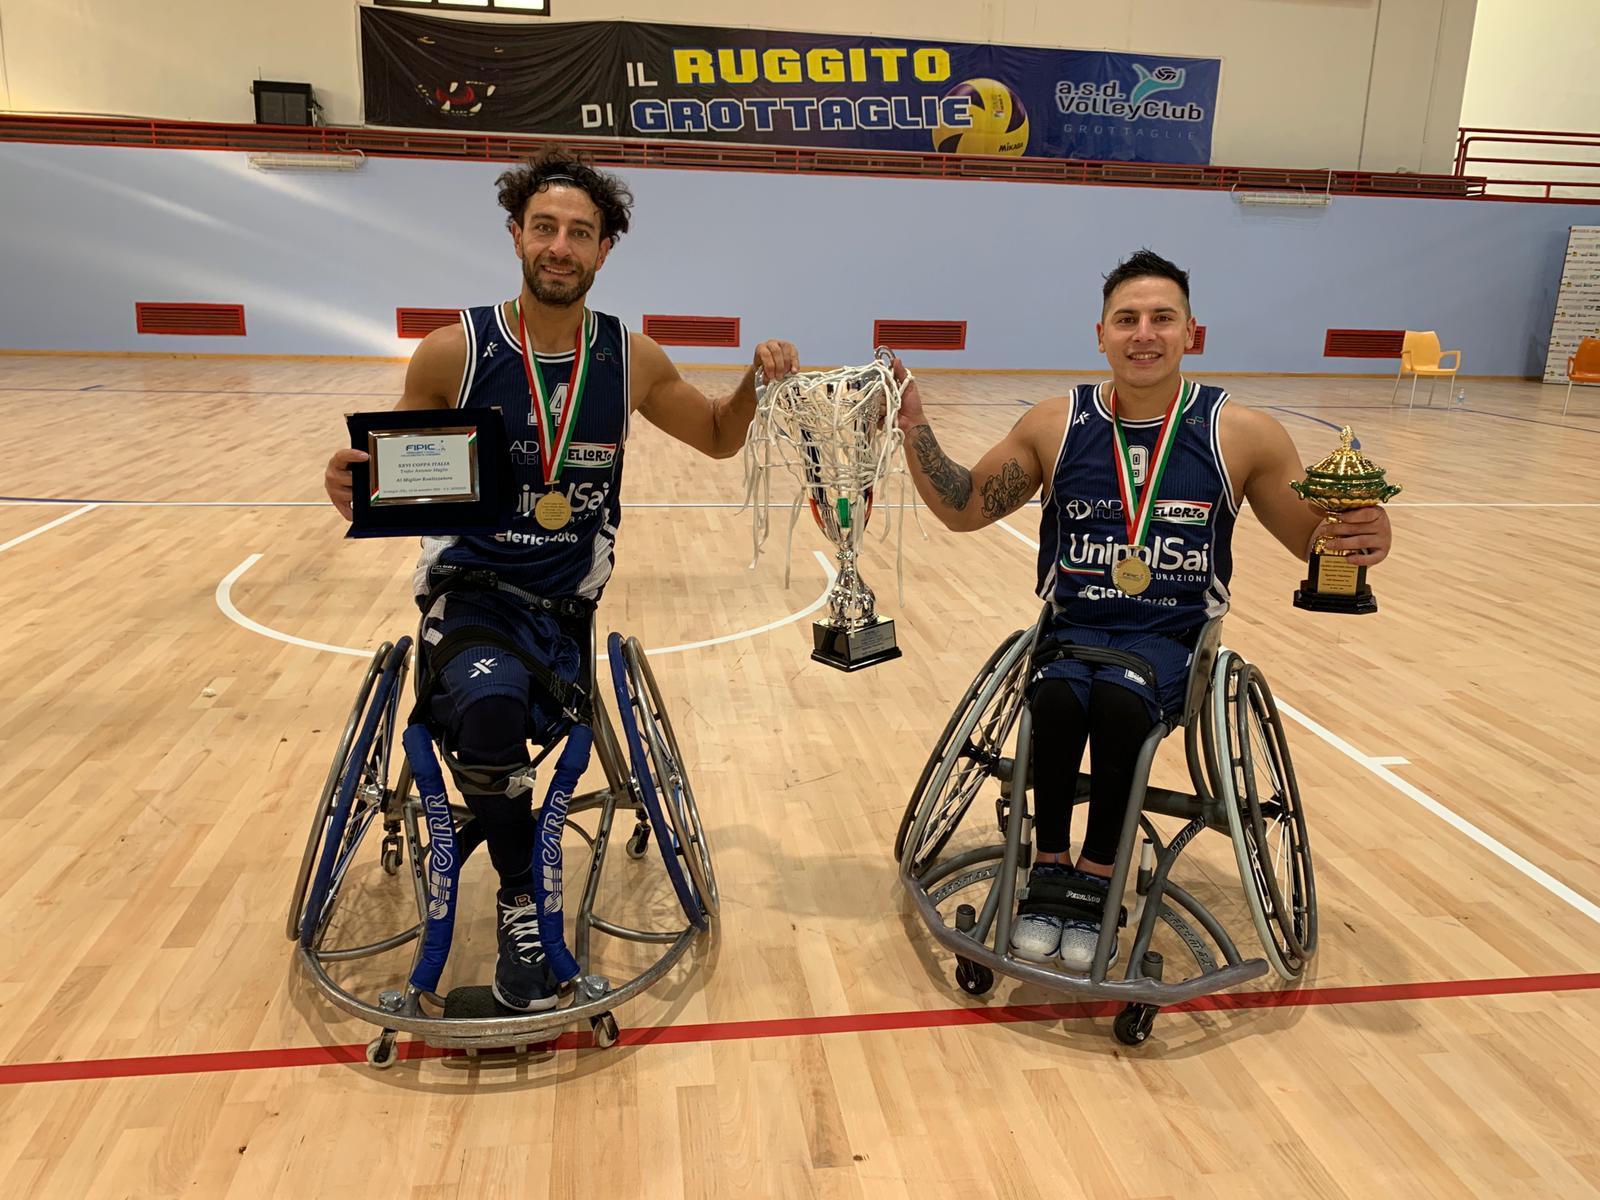 Básquetbol sobre silla de ruedas: el Briantea84 de Berdún y Esteche gritó campeón